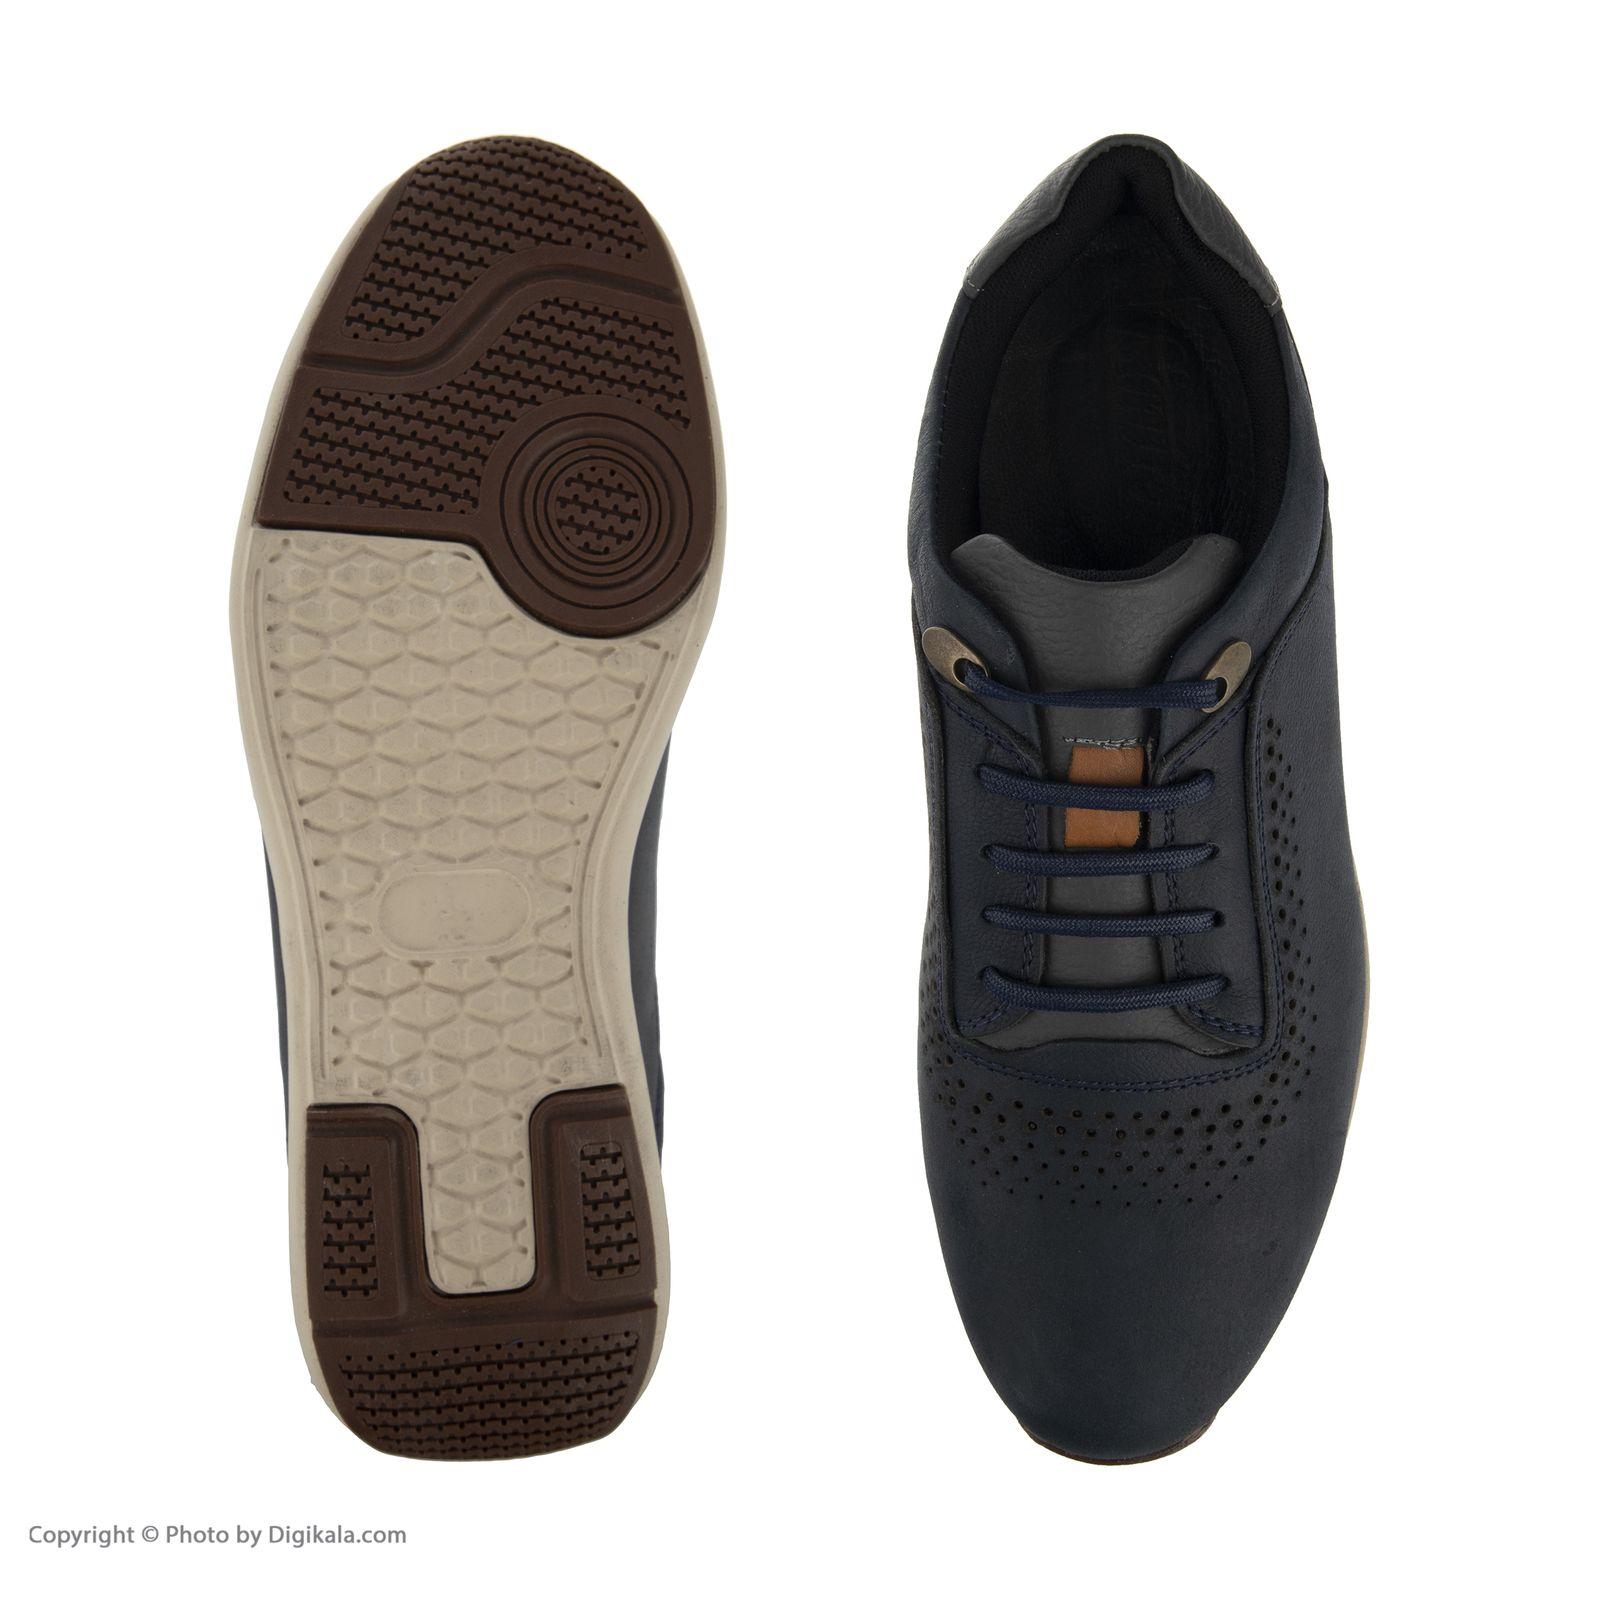 کفش روزمره مردانه سوته مدل 5037A503103 -  - 7